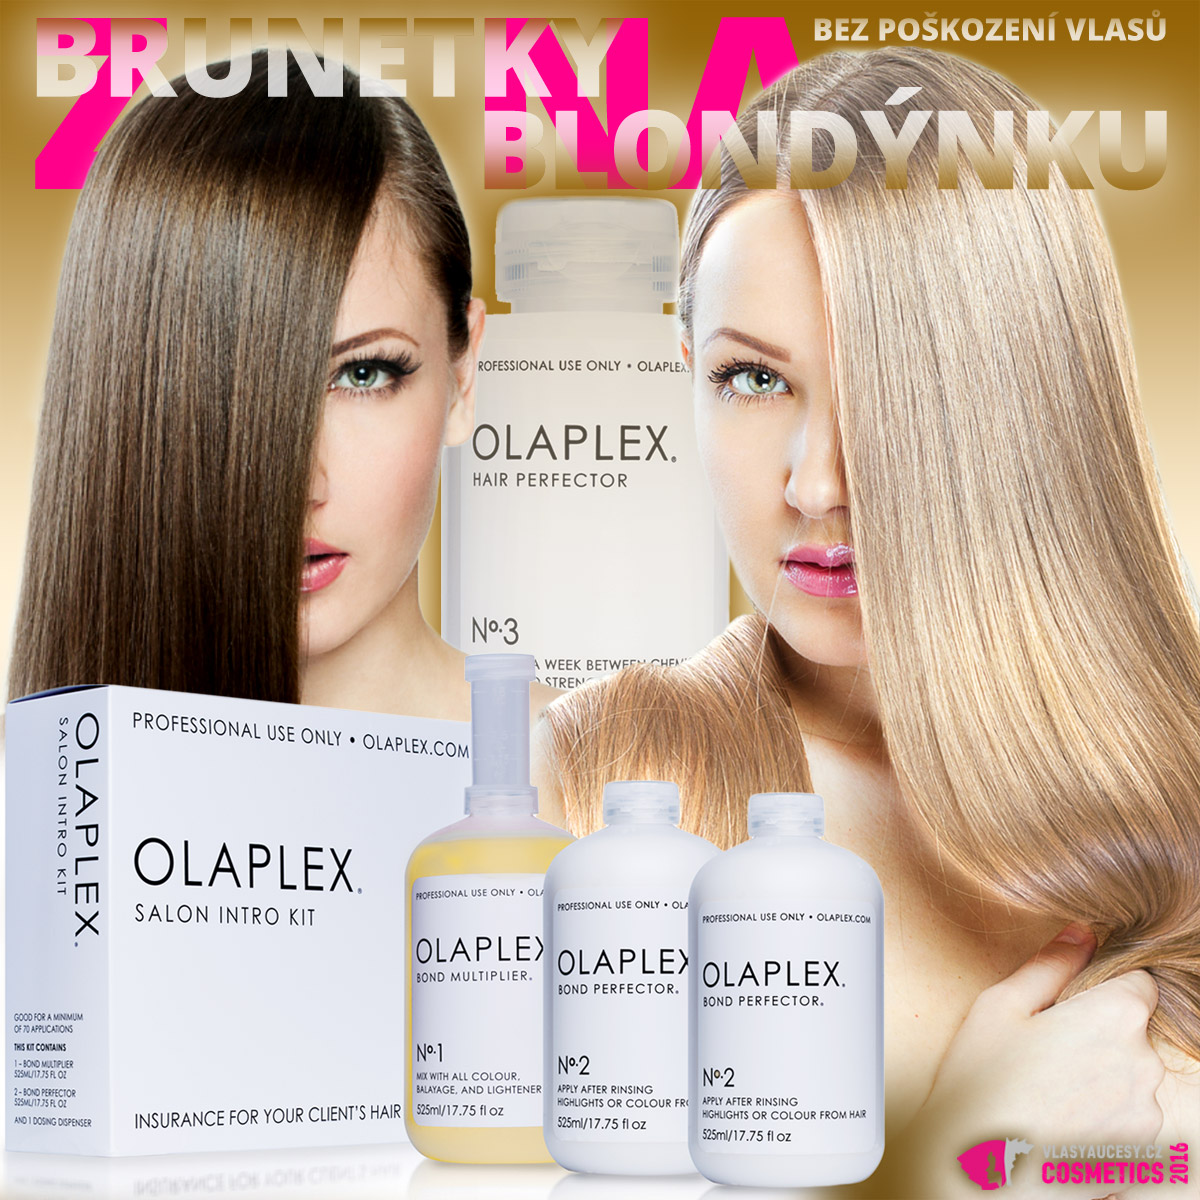 Olaplex – jedna ingredience, která mění vše! Přípravek slibuje, že ať je přidán do jakékoliv barvy či odbarvovače, vždy ochrání vlasy před poškozením.